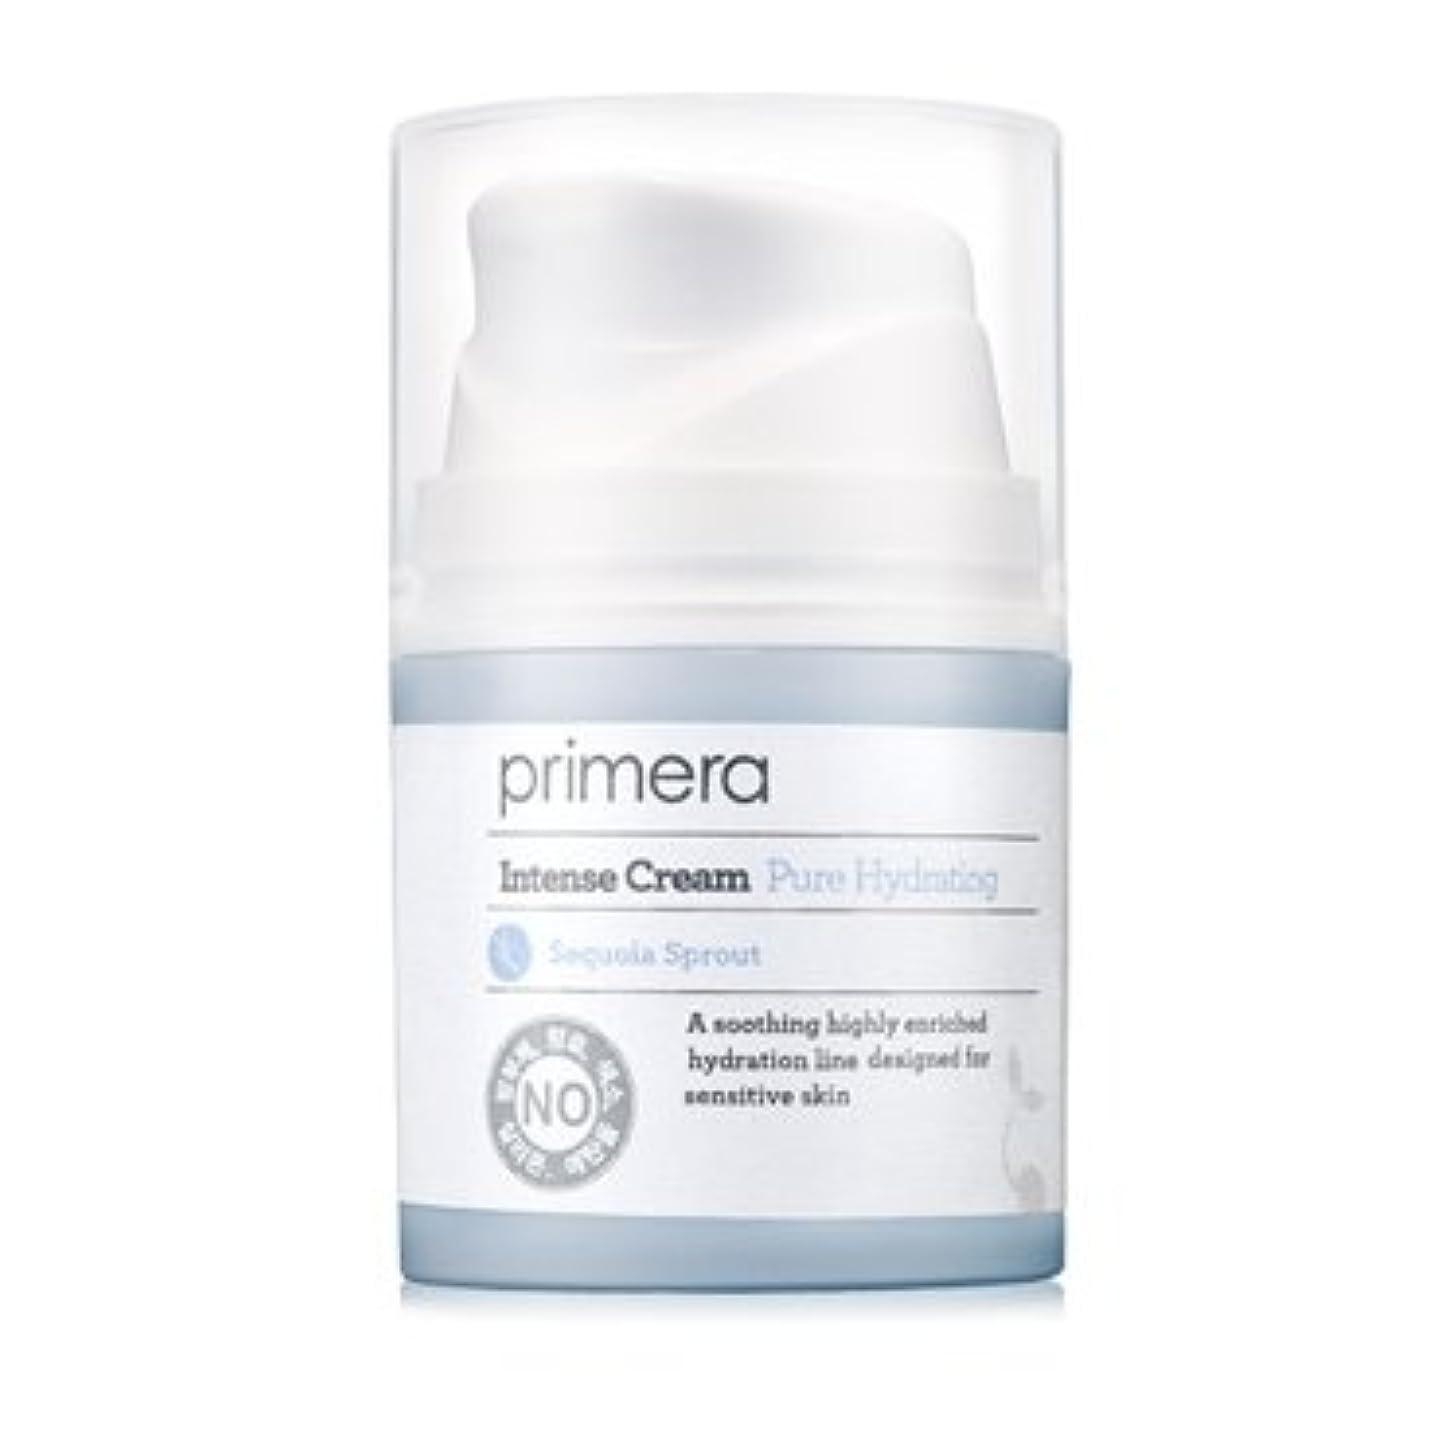 繰り返したオプション仕えるPRIMERA プリメラ ピュア ハイドレイティング インテンス クリーム(Pure Hydrating Intense Cream)30ml